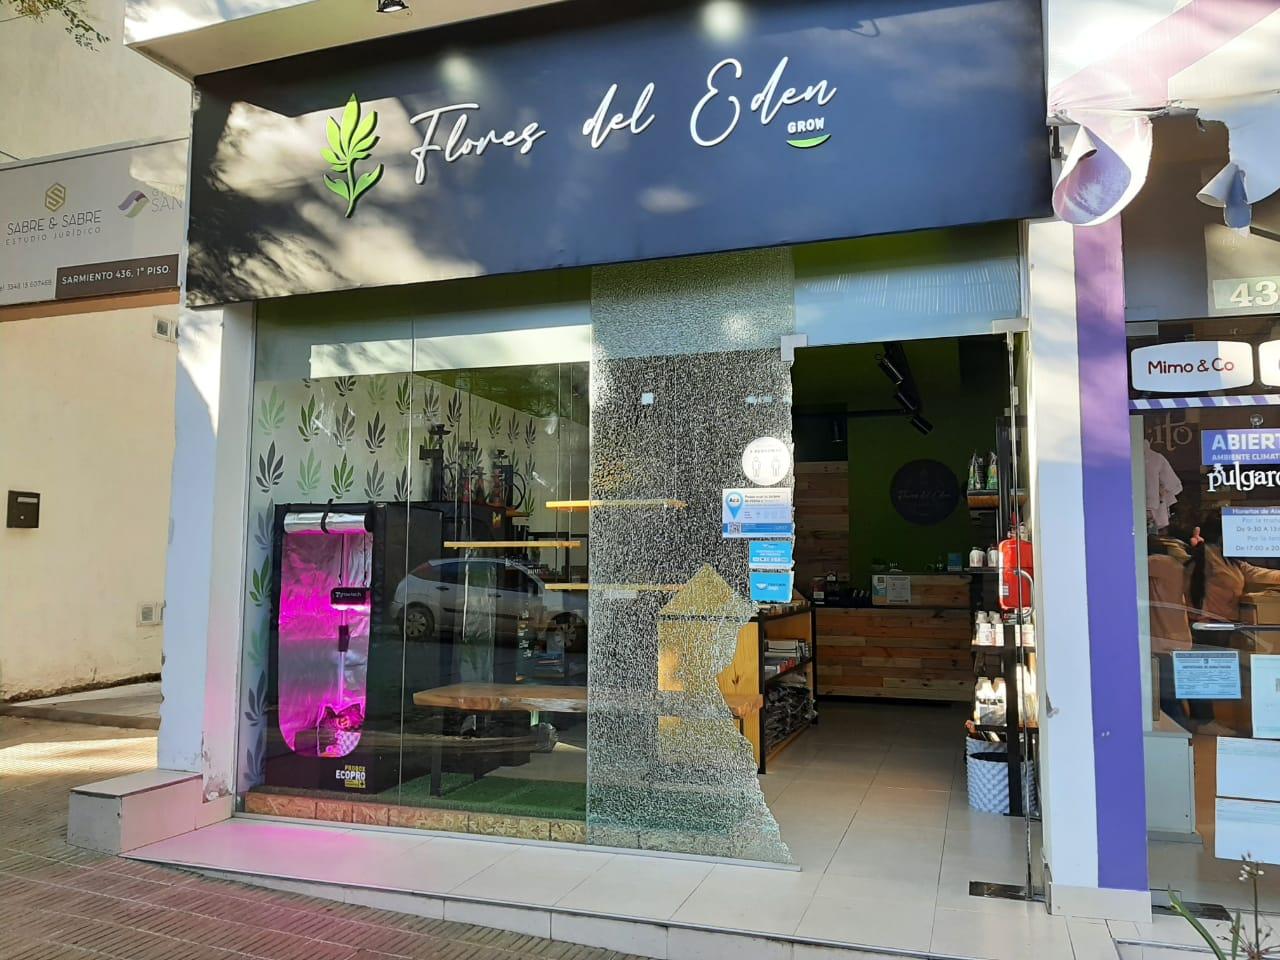 Tras romper la vidriera robaron un GrowShop en La Falda